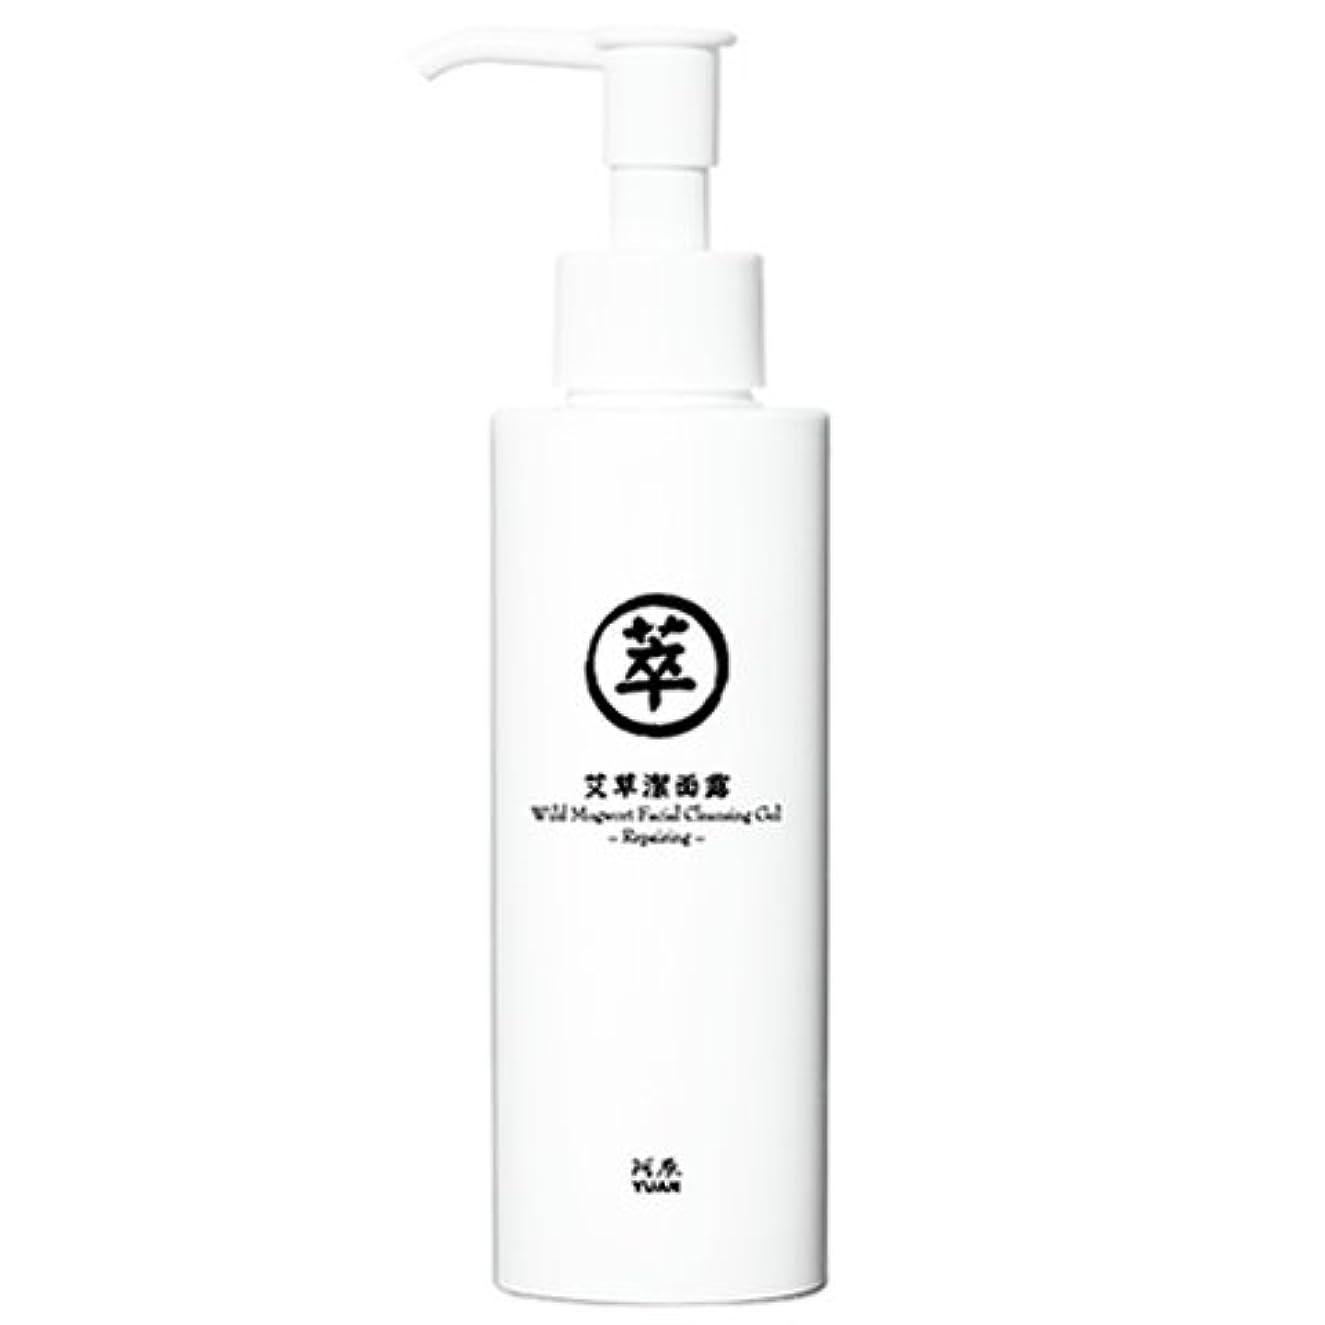 システム六分儀アウターユアン(YUAN)ヨモギ洗顔ジェル 150ml(阿原 ユアンソープ 台湾コスメ)